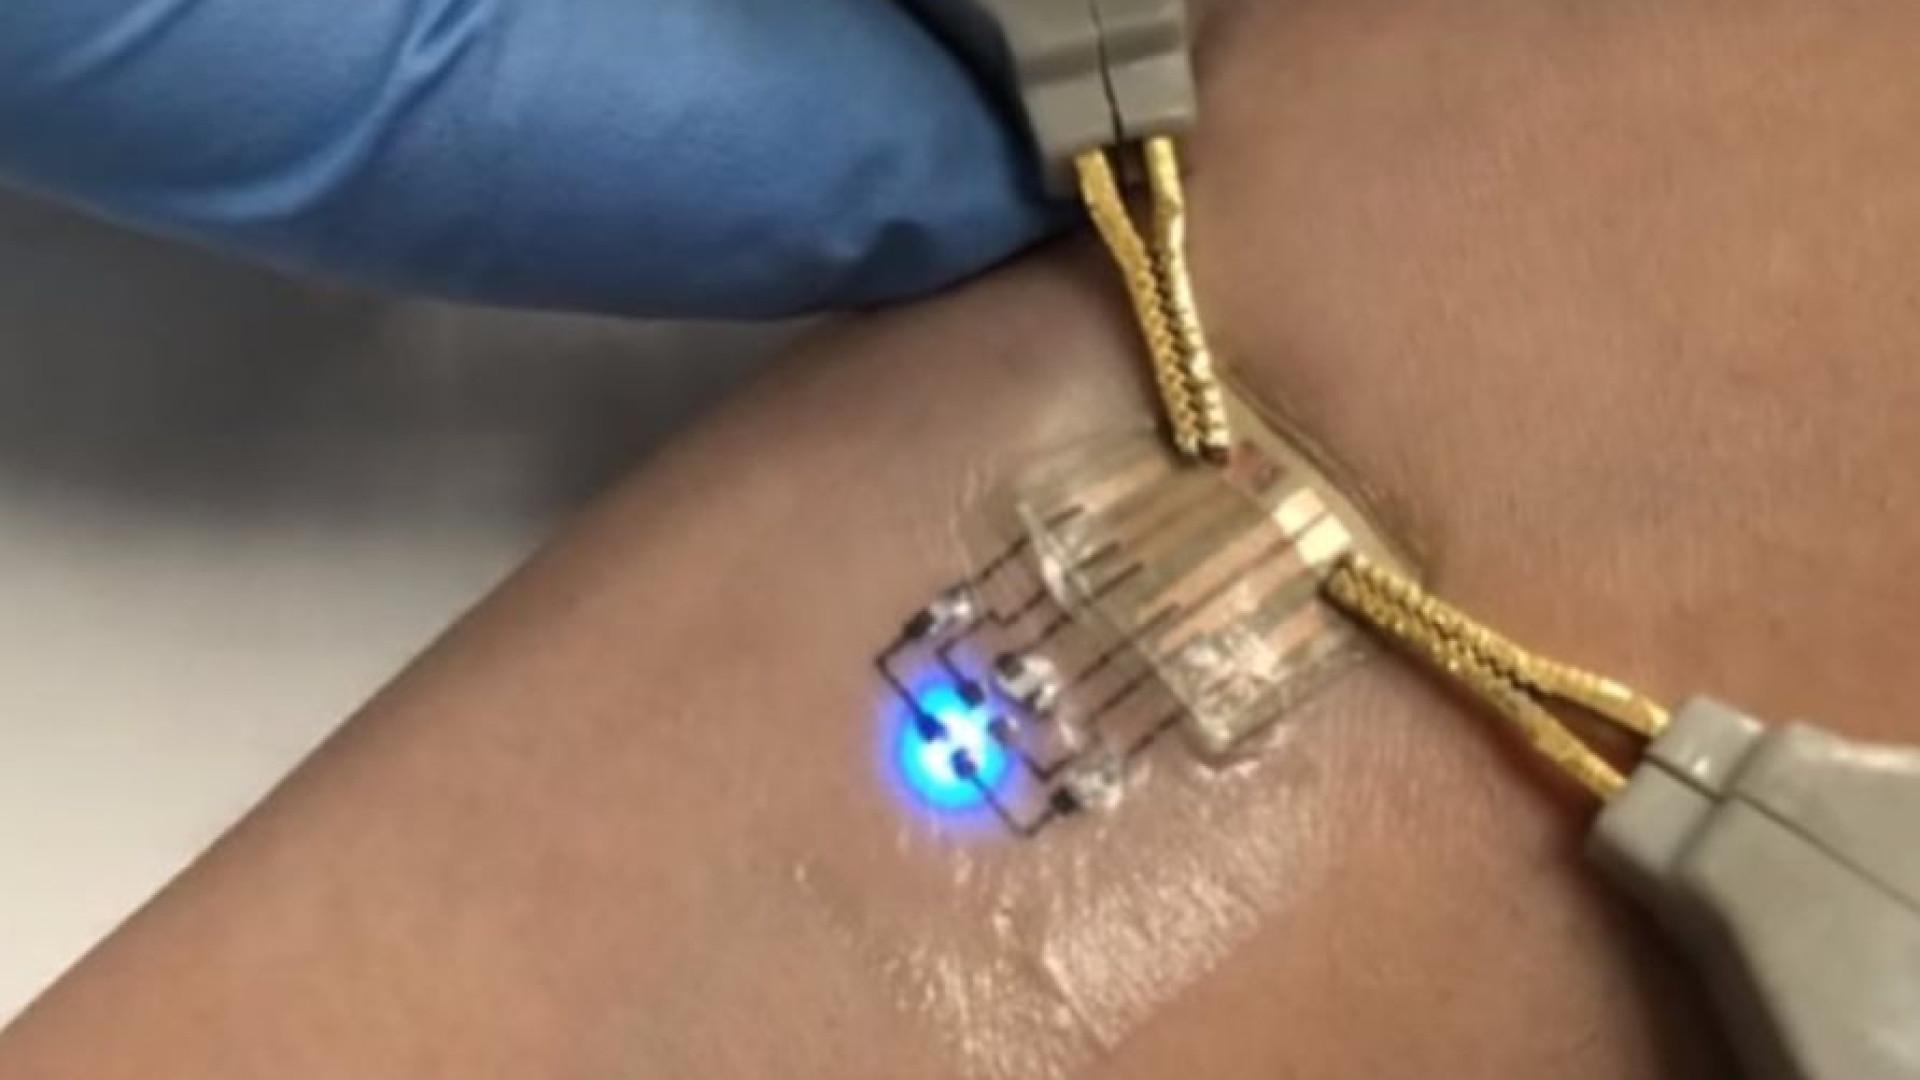 Novo método produz tatuagens eletrônicas a baixo custo